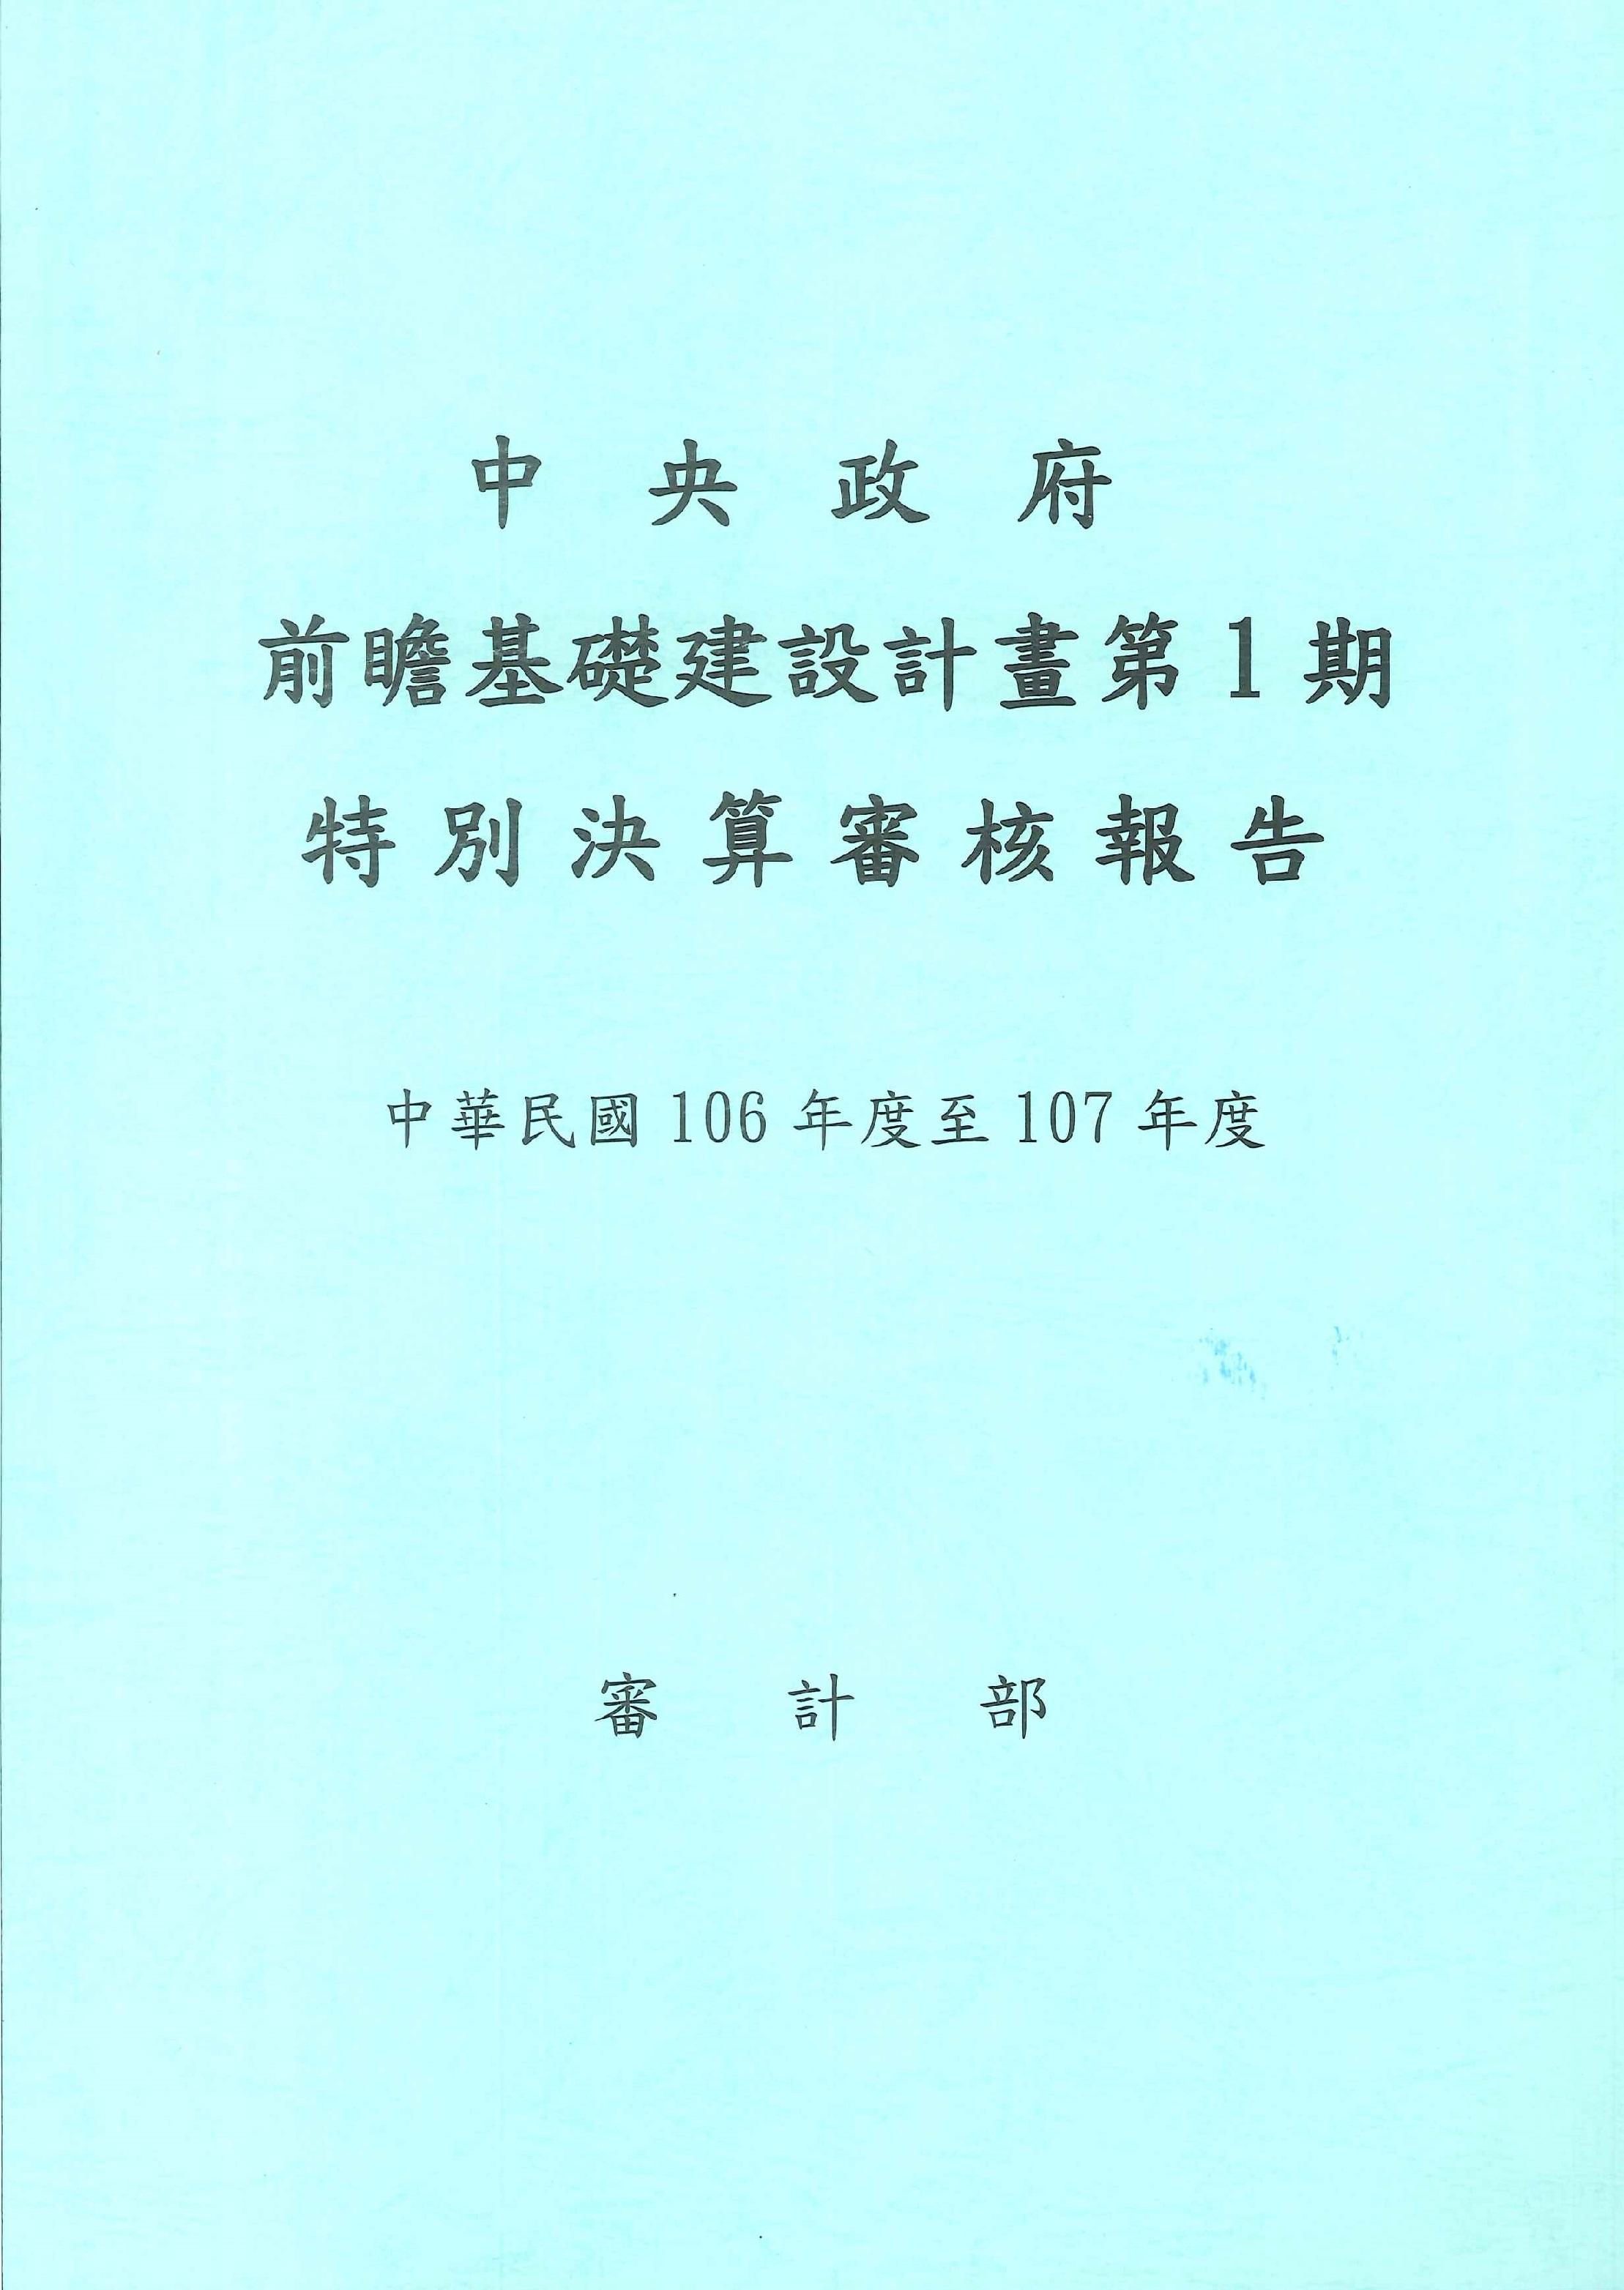 中央政府前瞻基礎建設計畫第1期特別決算審核報告.中華民國106年度至107年度